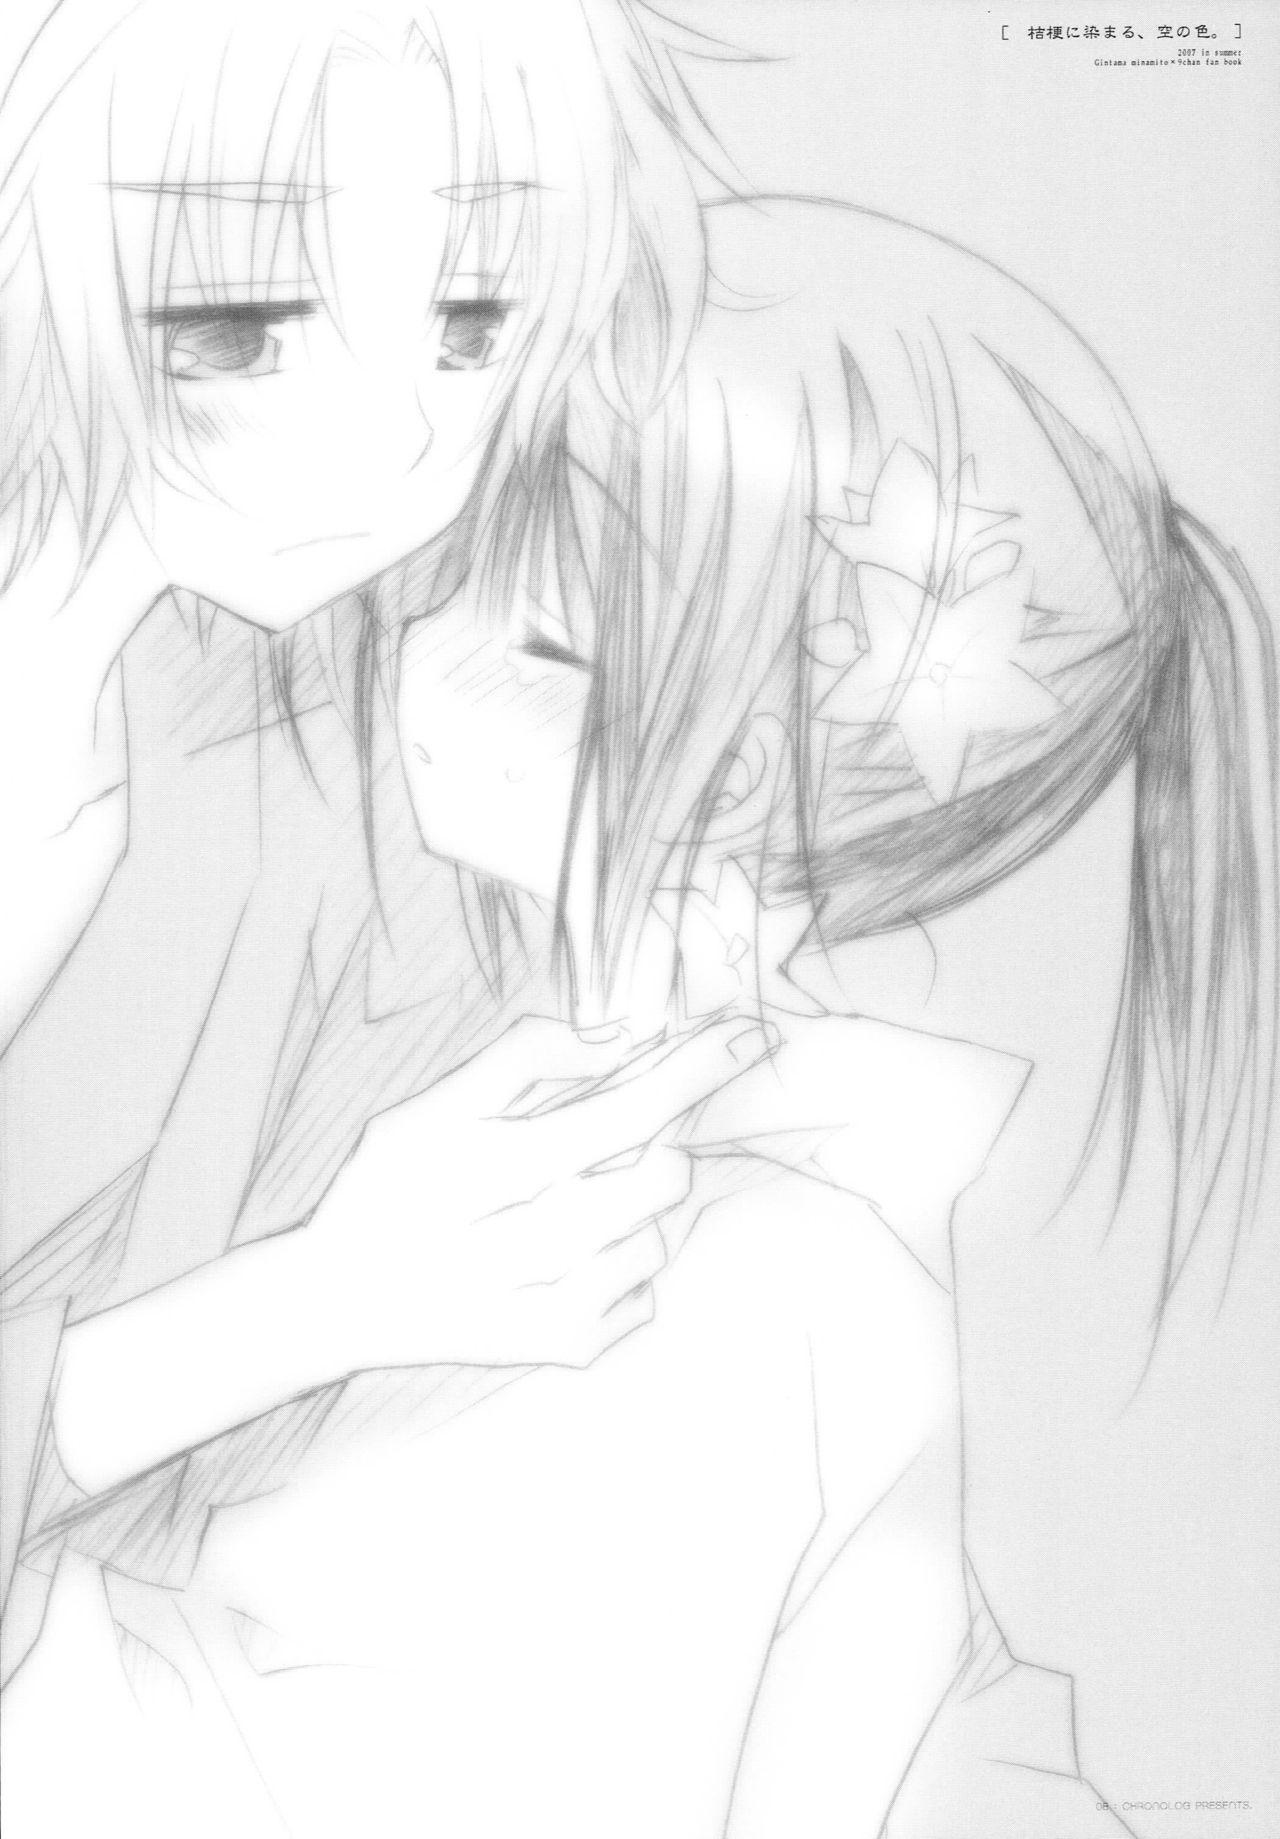 Kikyou ni Somaru Sora no Iro 6